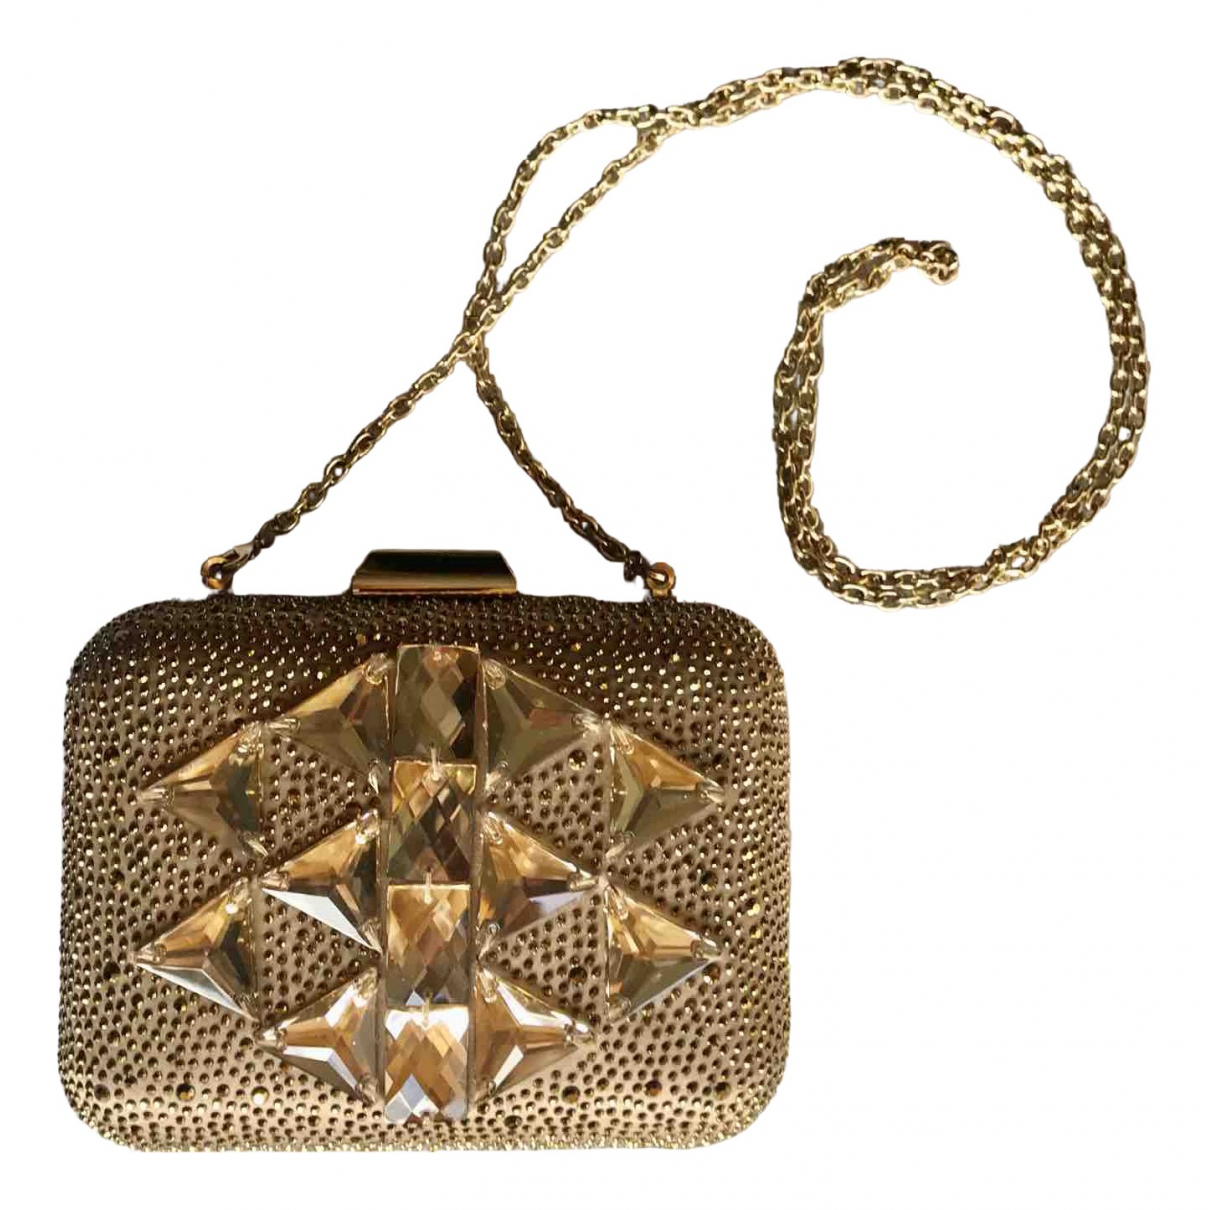 Liu.jo \N Clutch in  Gold Polyester